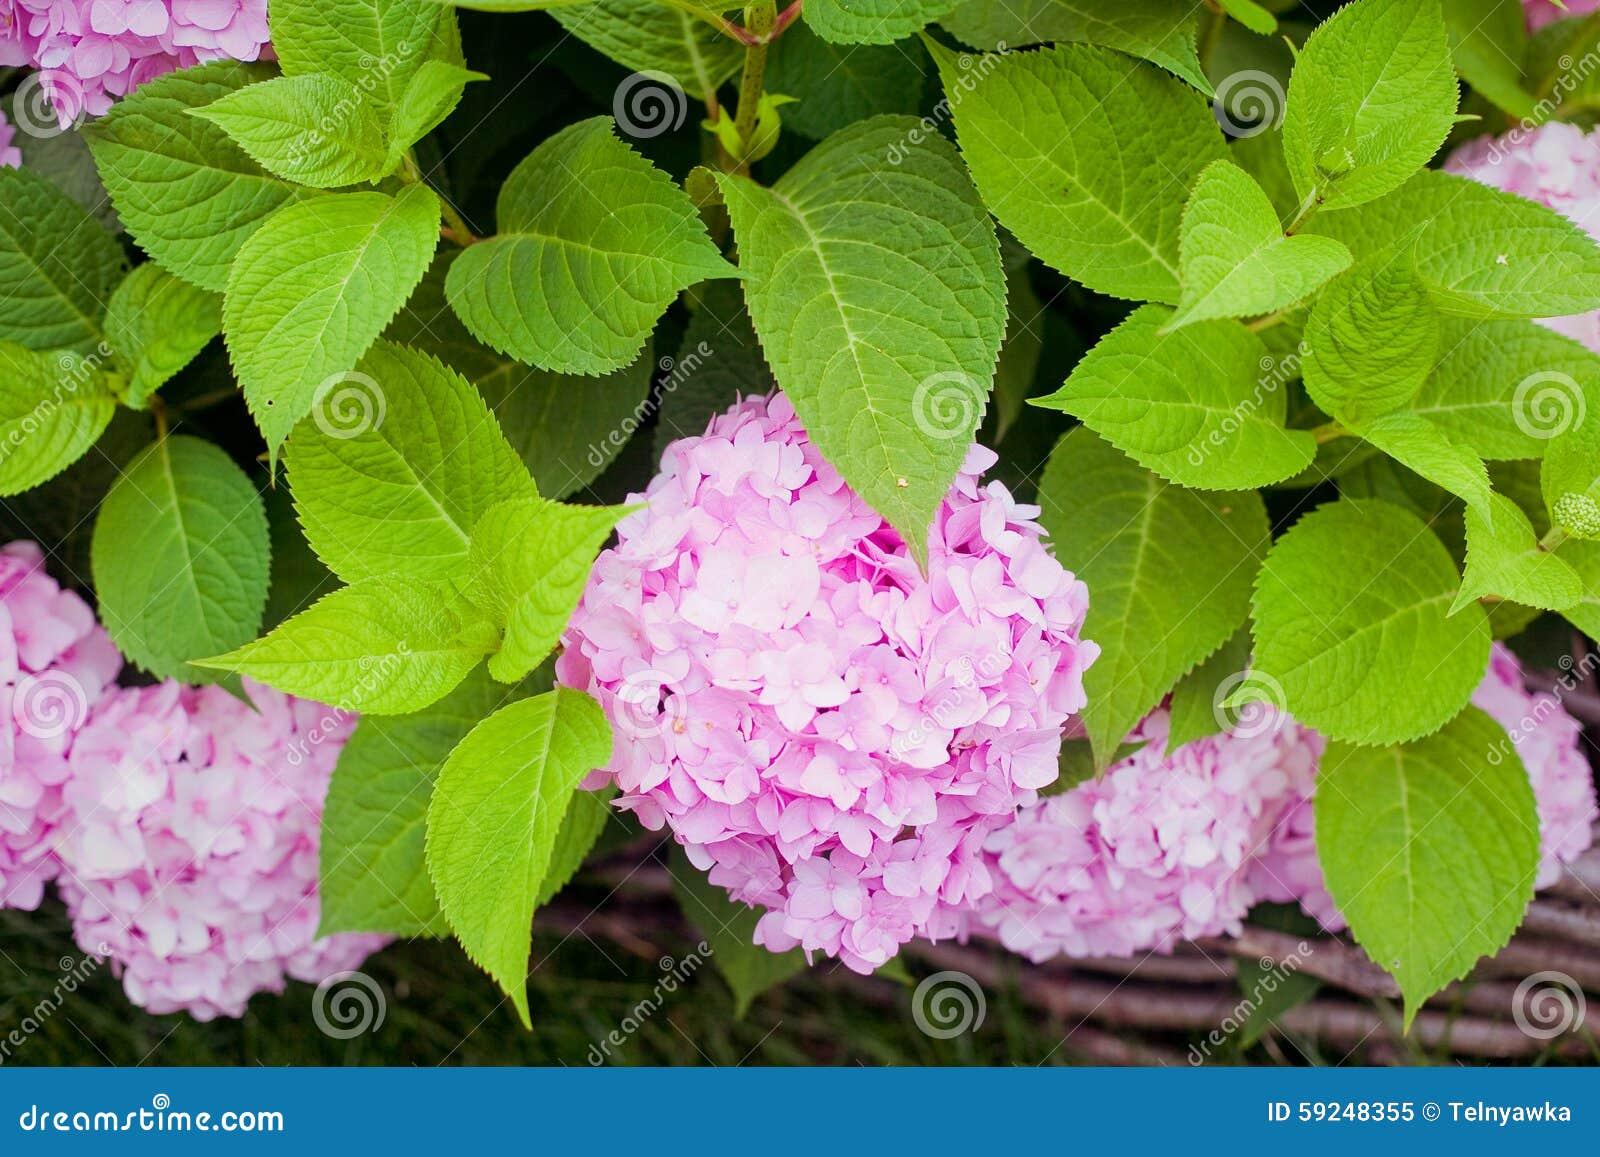 Bush de la hortensia rosada de la flor que florece en el jardín